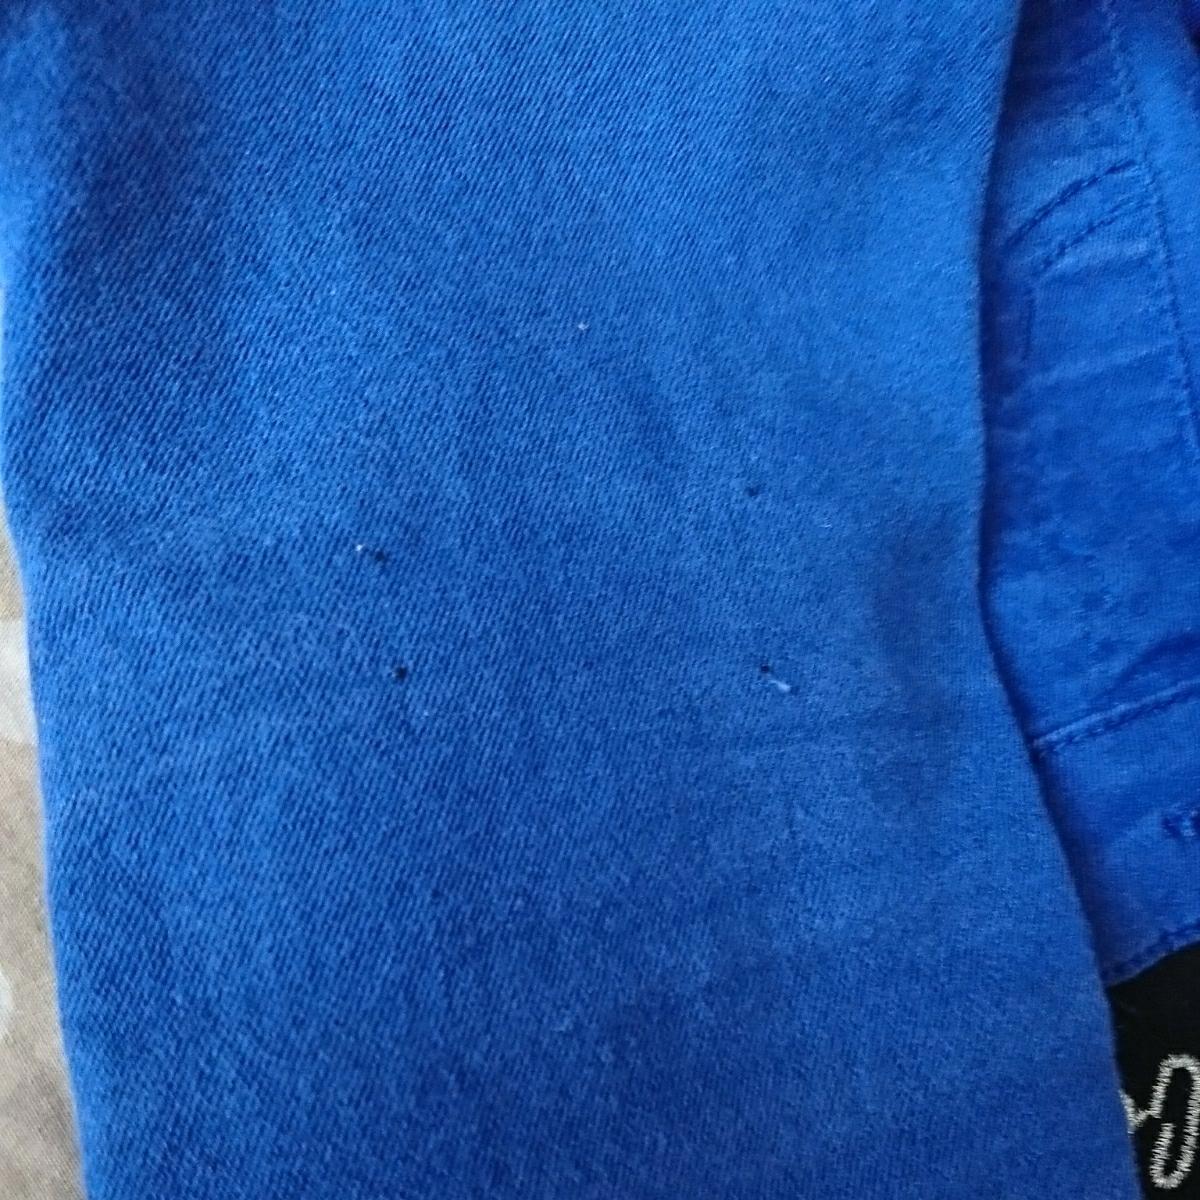 かっこいいパンツ 女の子 ズボン 長ズボン スキニー ストレッチ 130㎝ ブルー 青 子供服_画像7